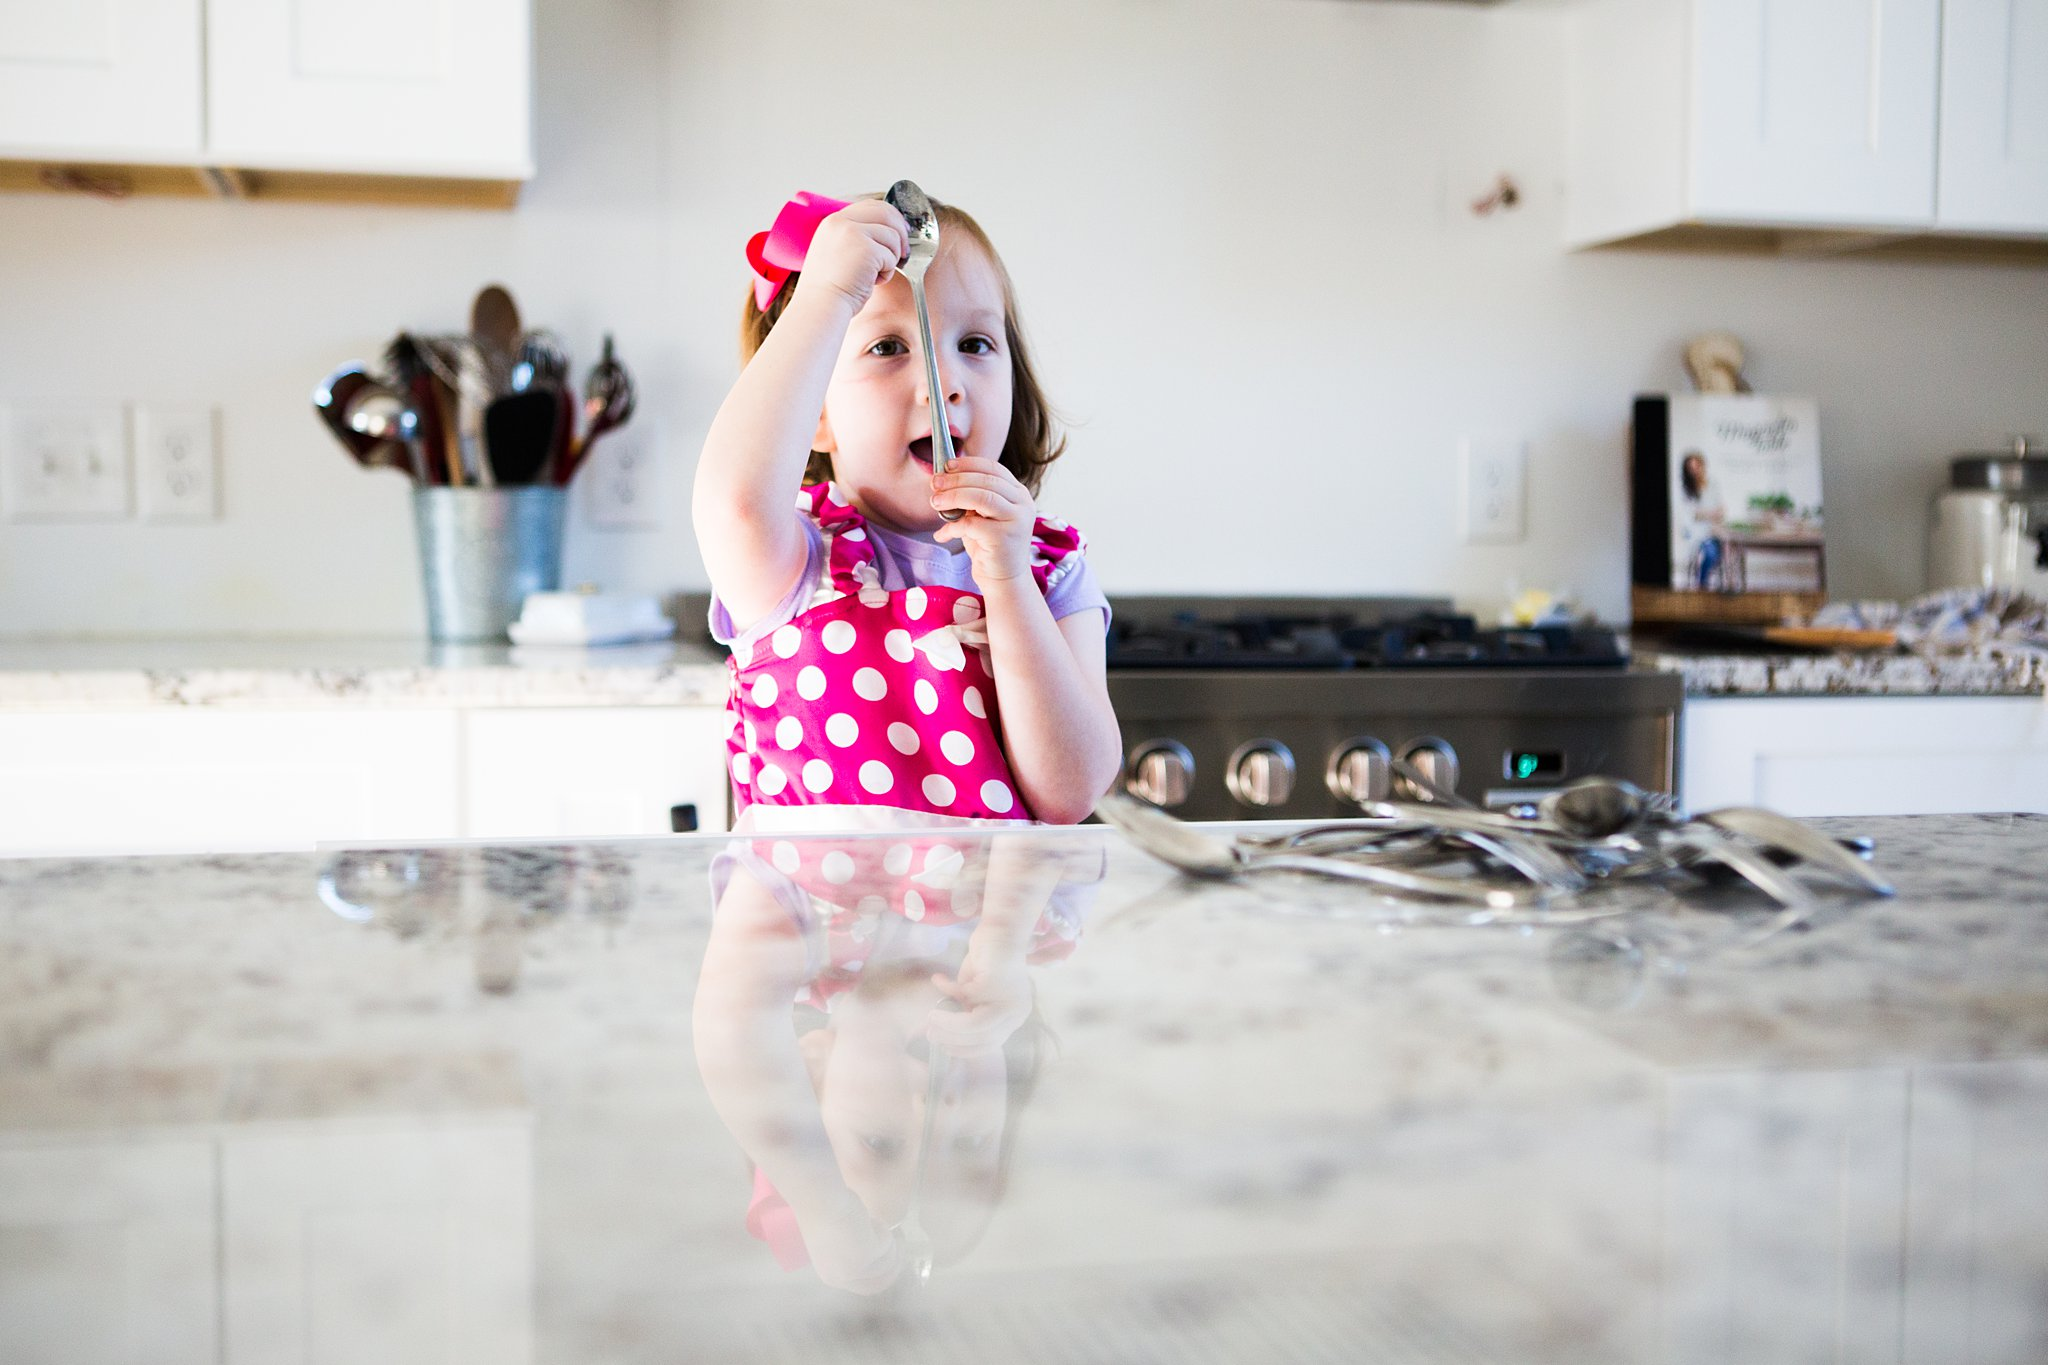 preschooler doing chores